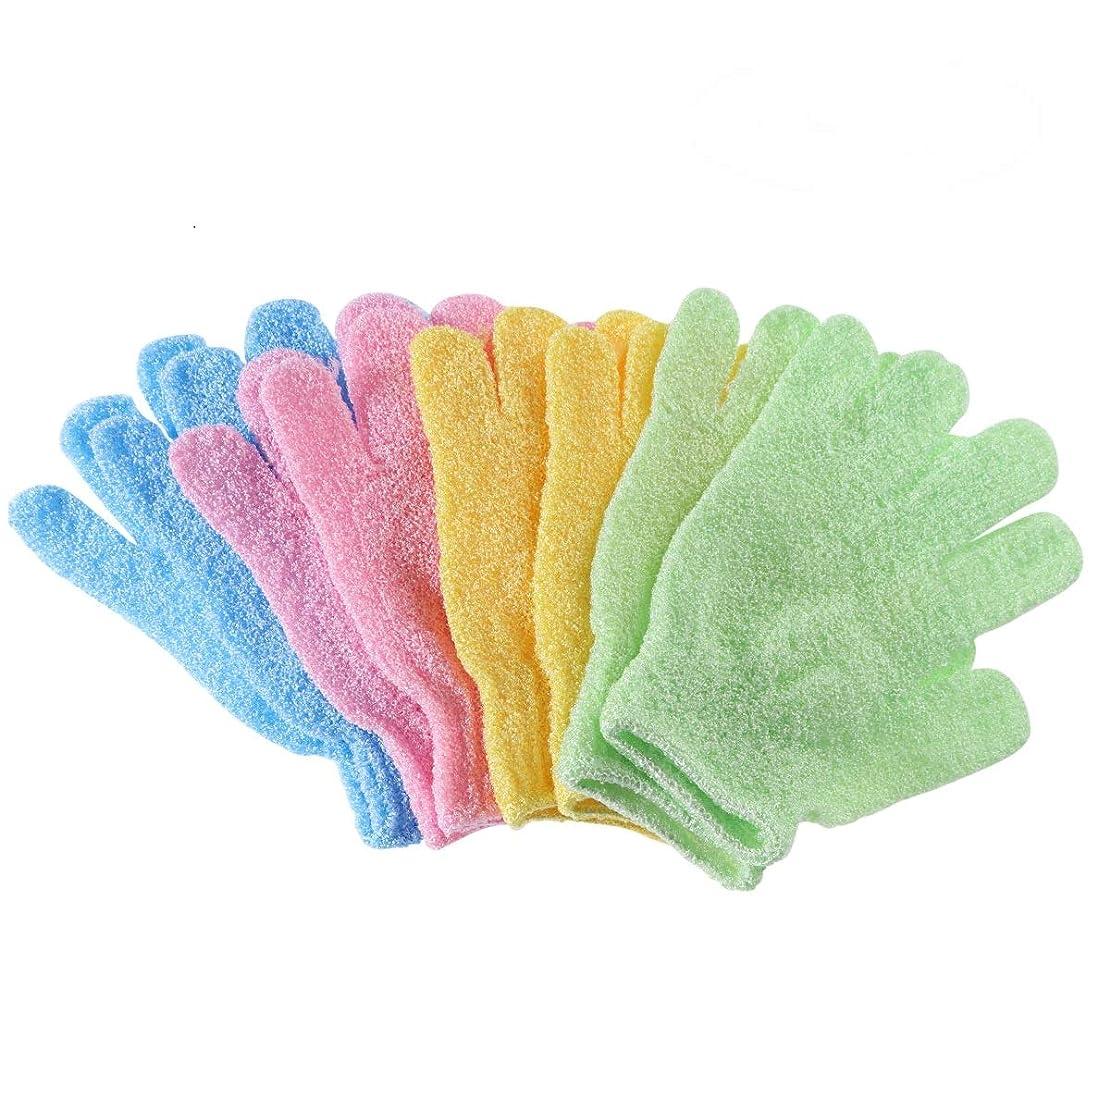 メンバーマラウイ行列Frcolor シャワーバスグローブ 沐浴手袋 ナイロン ボディスクラブ エクスフォリエーター 4ペア入 ランダムカラー